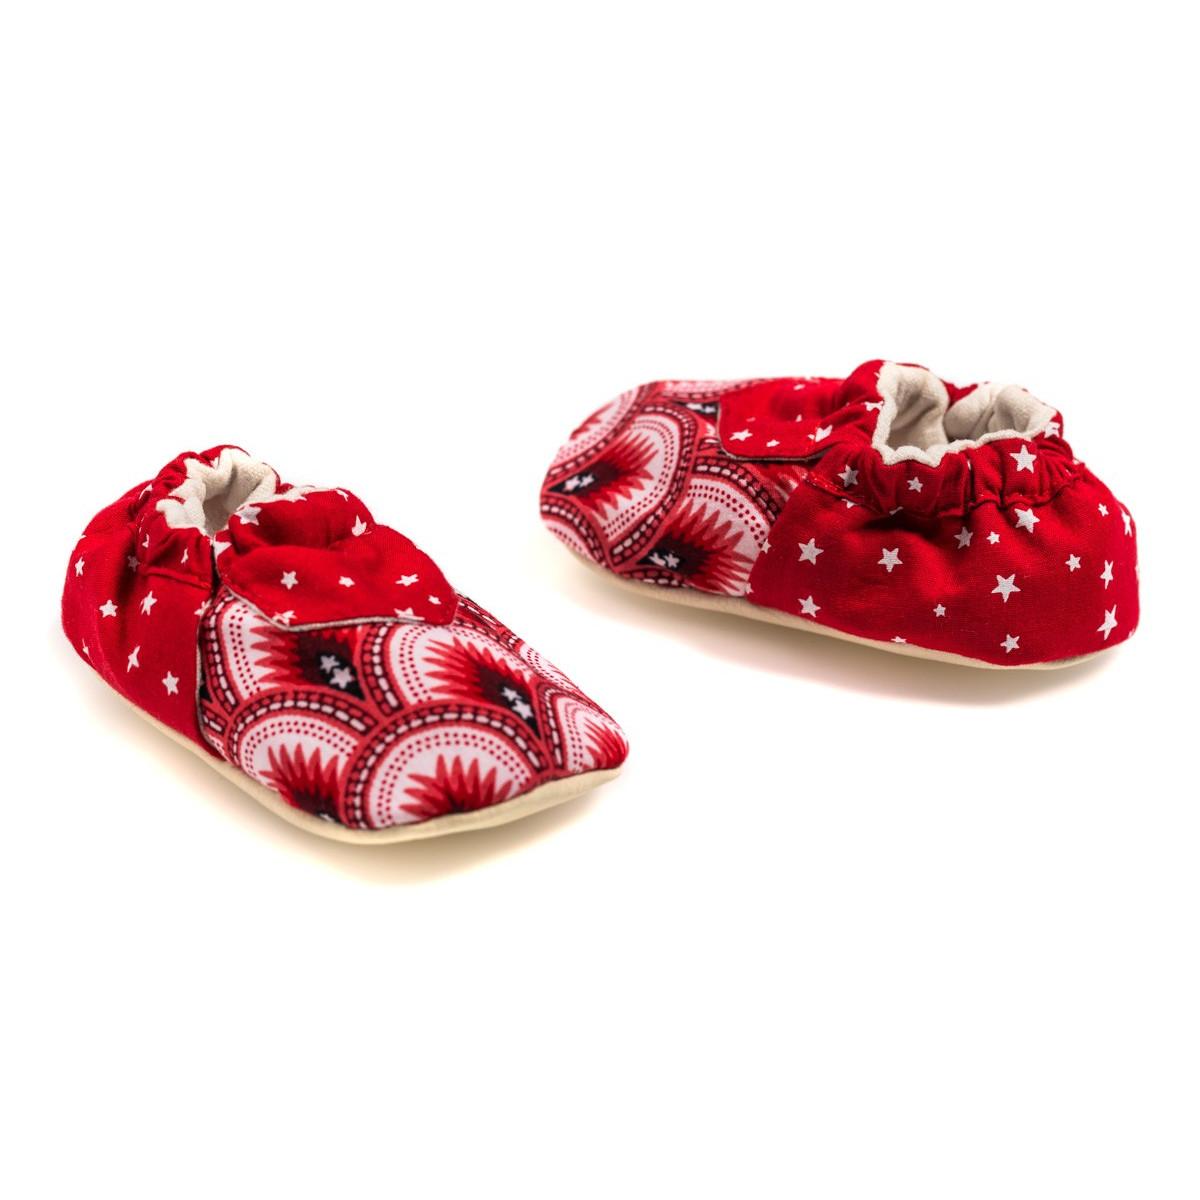 Chaussons souples de naissance 0-12 mois Api